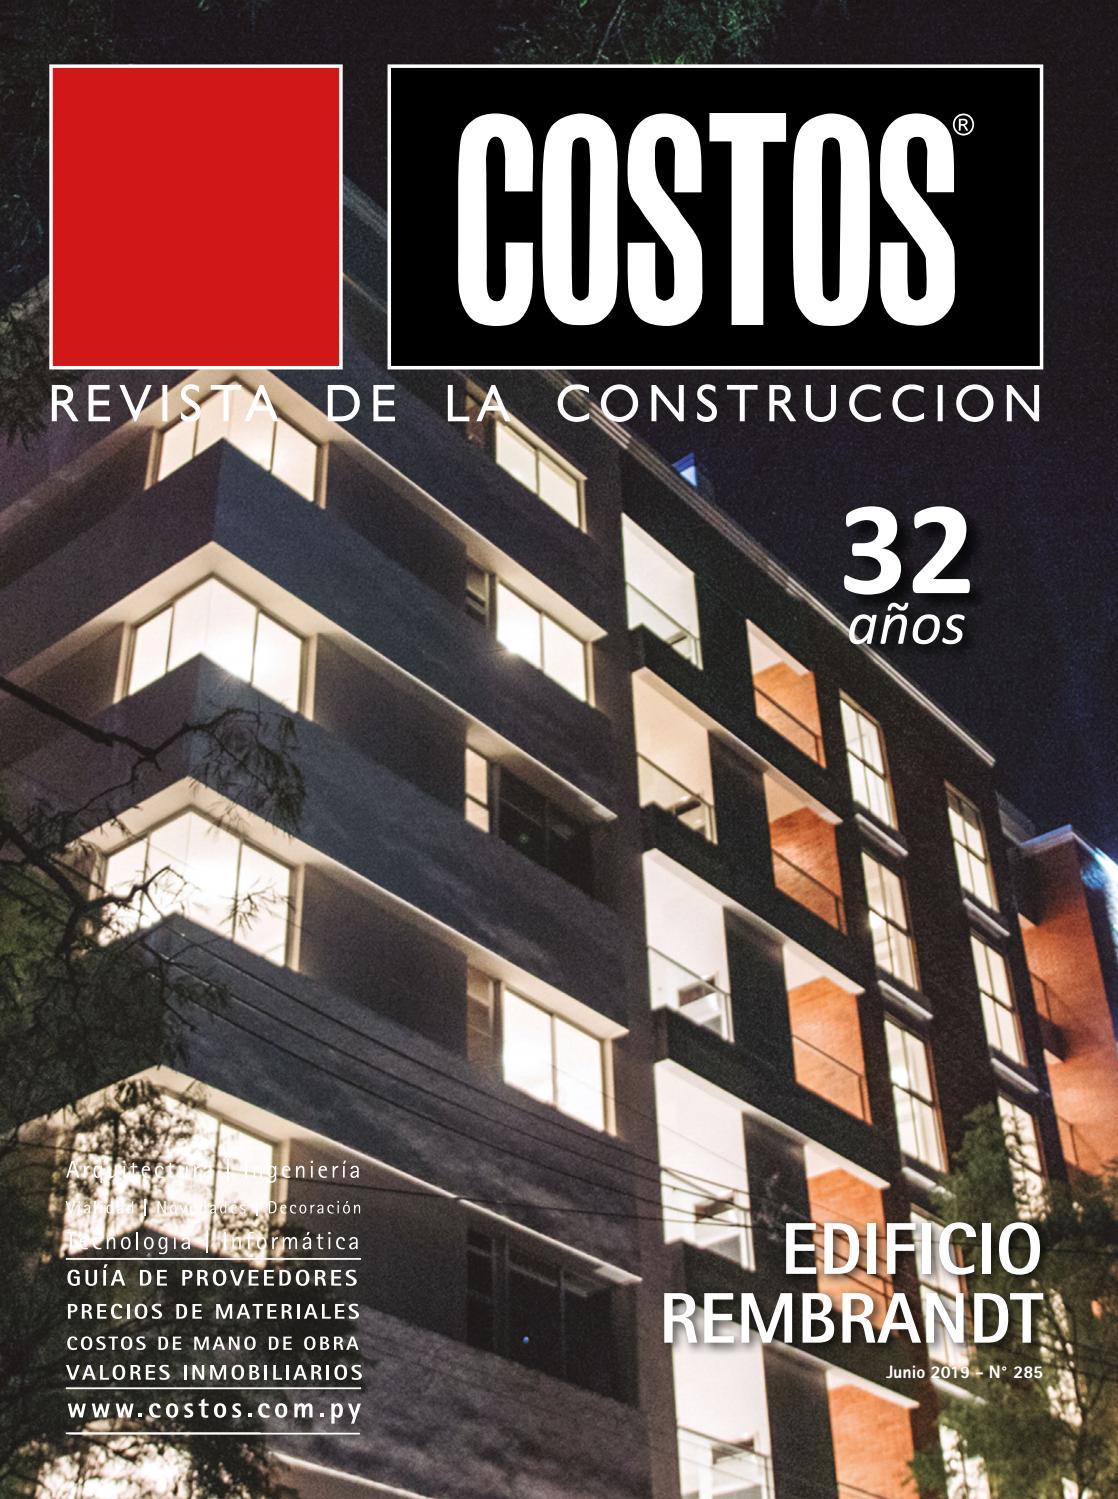 gaviones decorativos para el jard n asador y parrilla Edición #285 - Junio 2019 by Revista Costos (Paraguay) - issuu